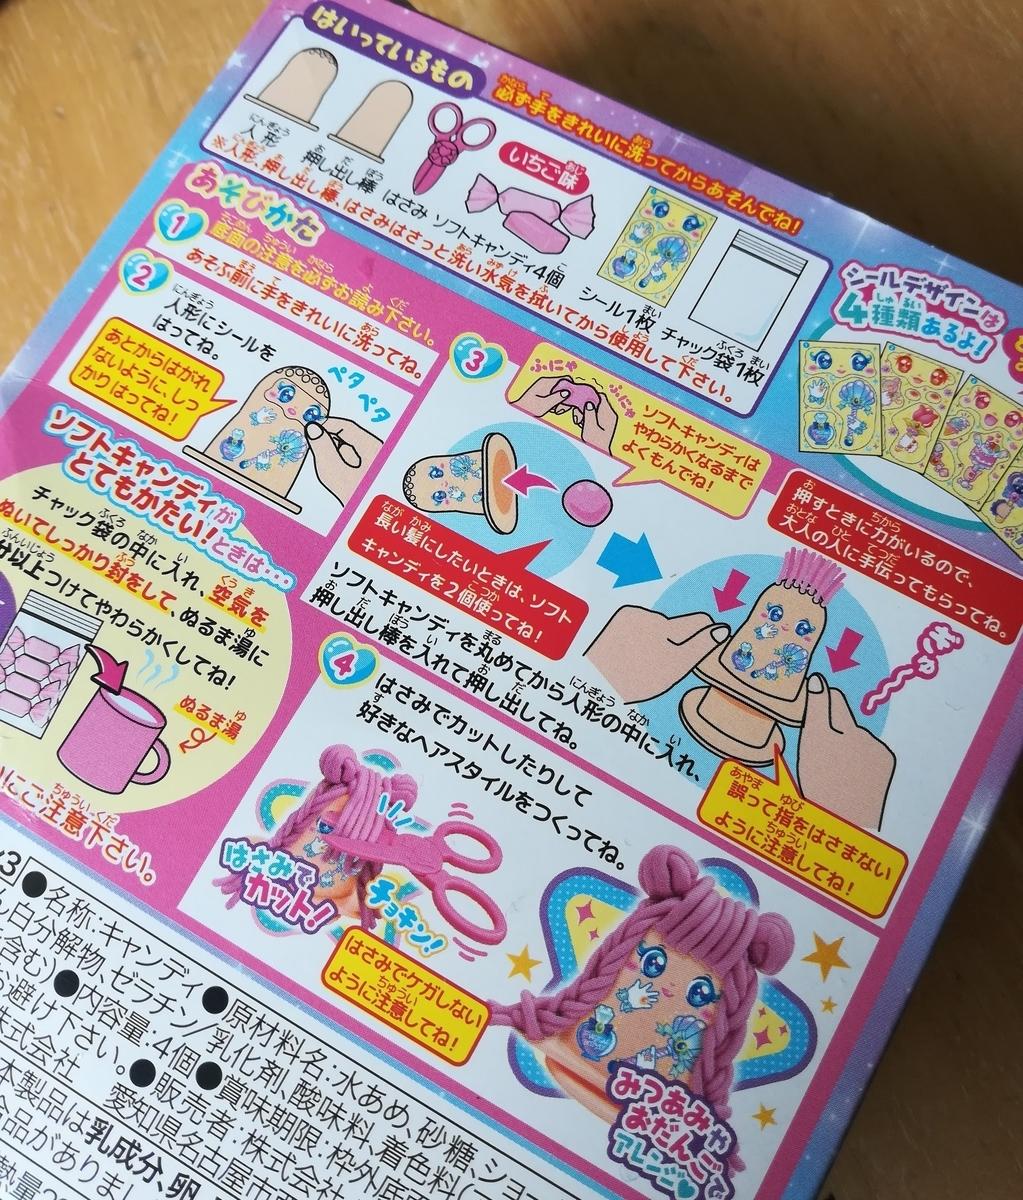 おかしなサロン3の遊び方は箱の裏面に書いてあります。